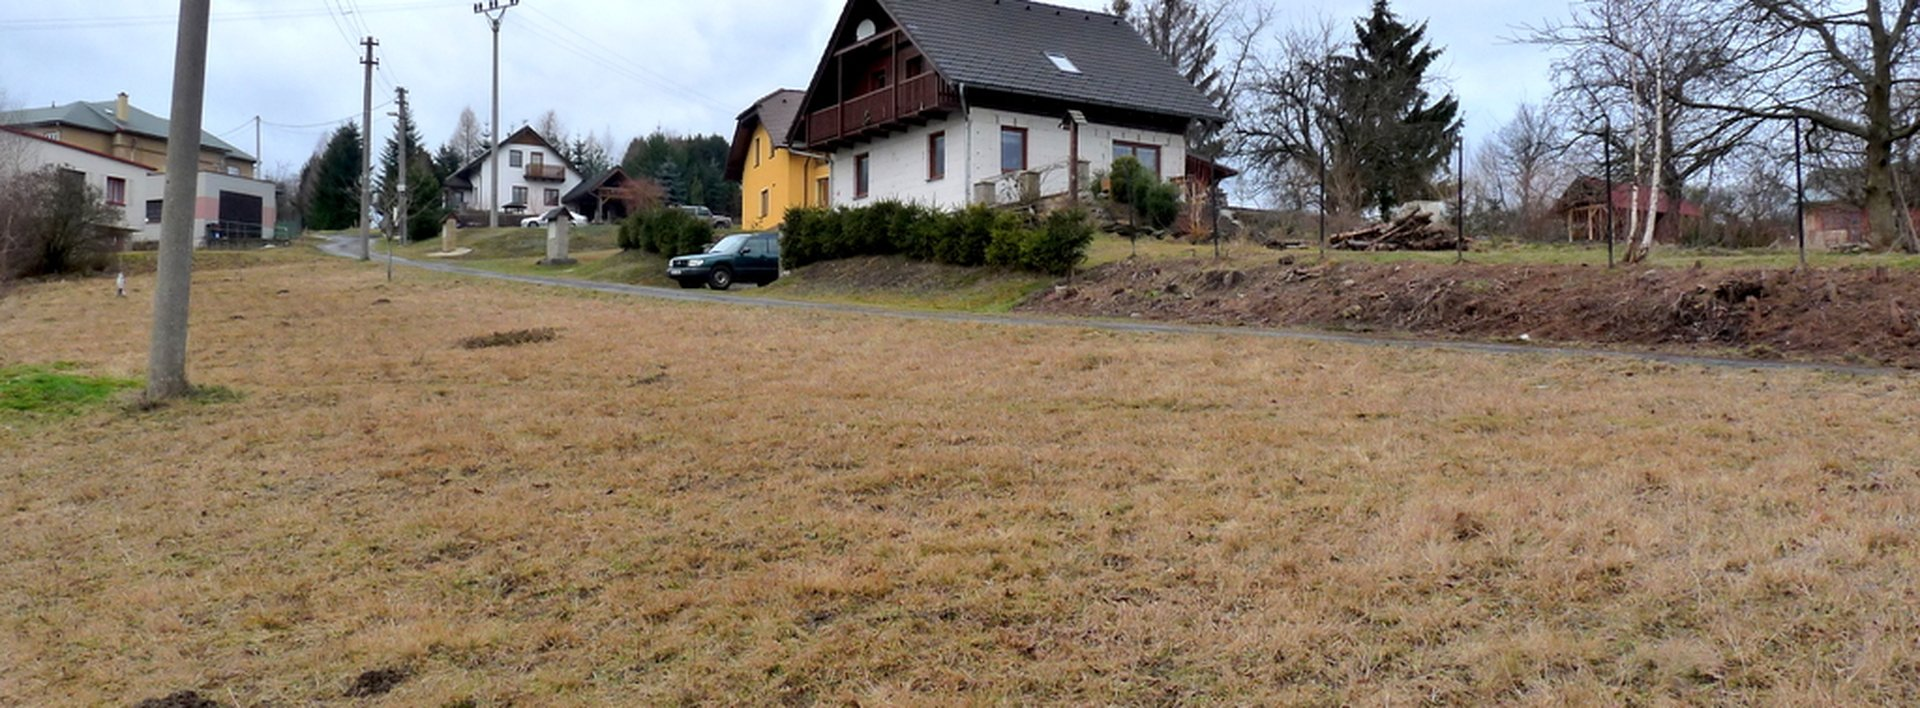 Prodej pozemku o výměře 685 m2 v obci Alšovice u Jablonce n. N., Ev.č.: N47570